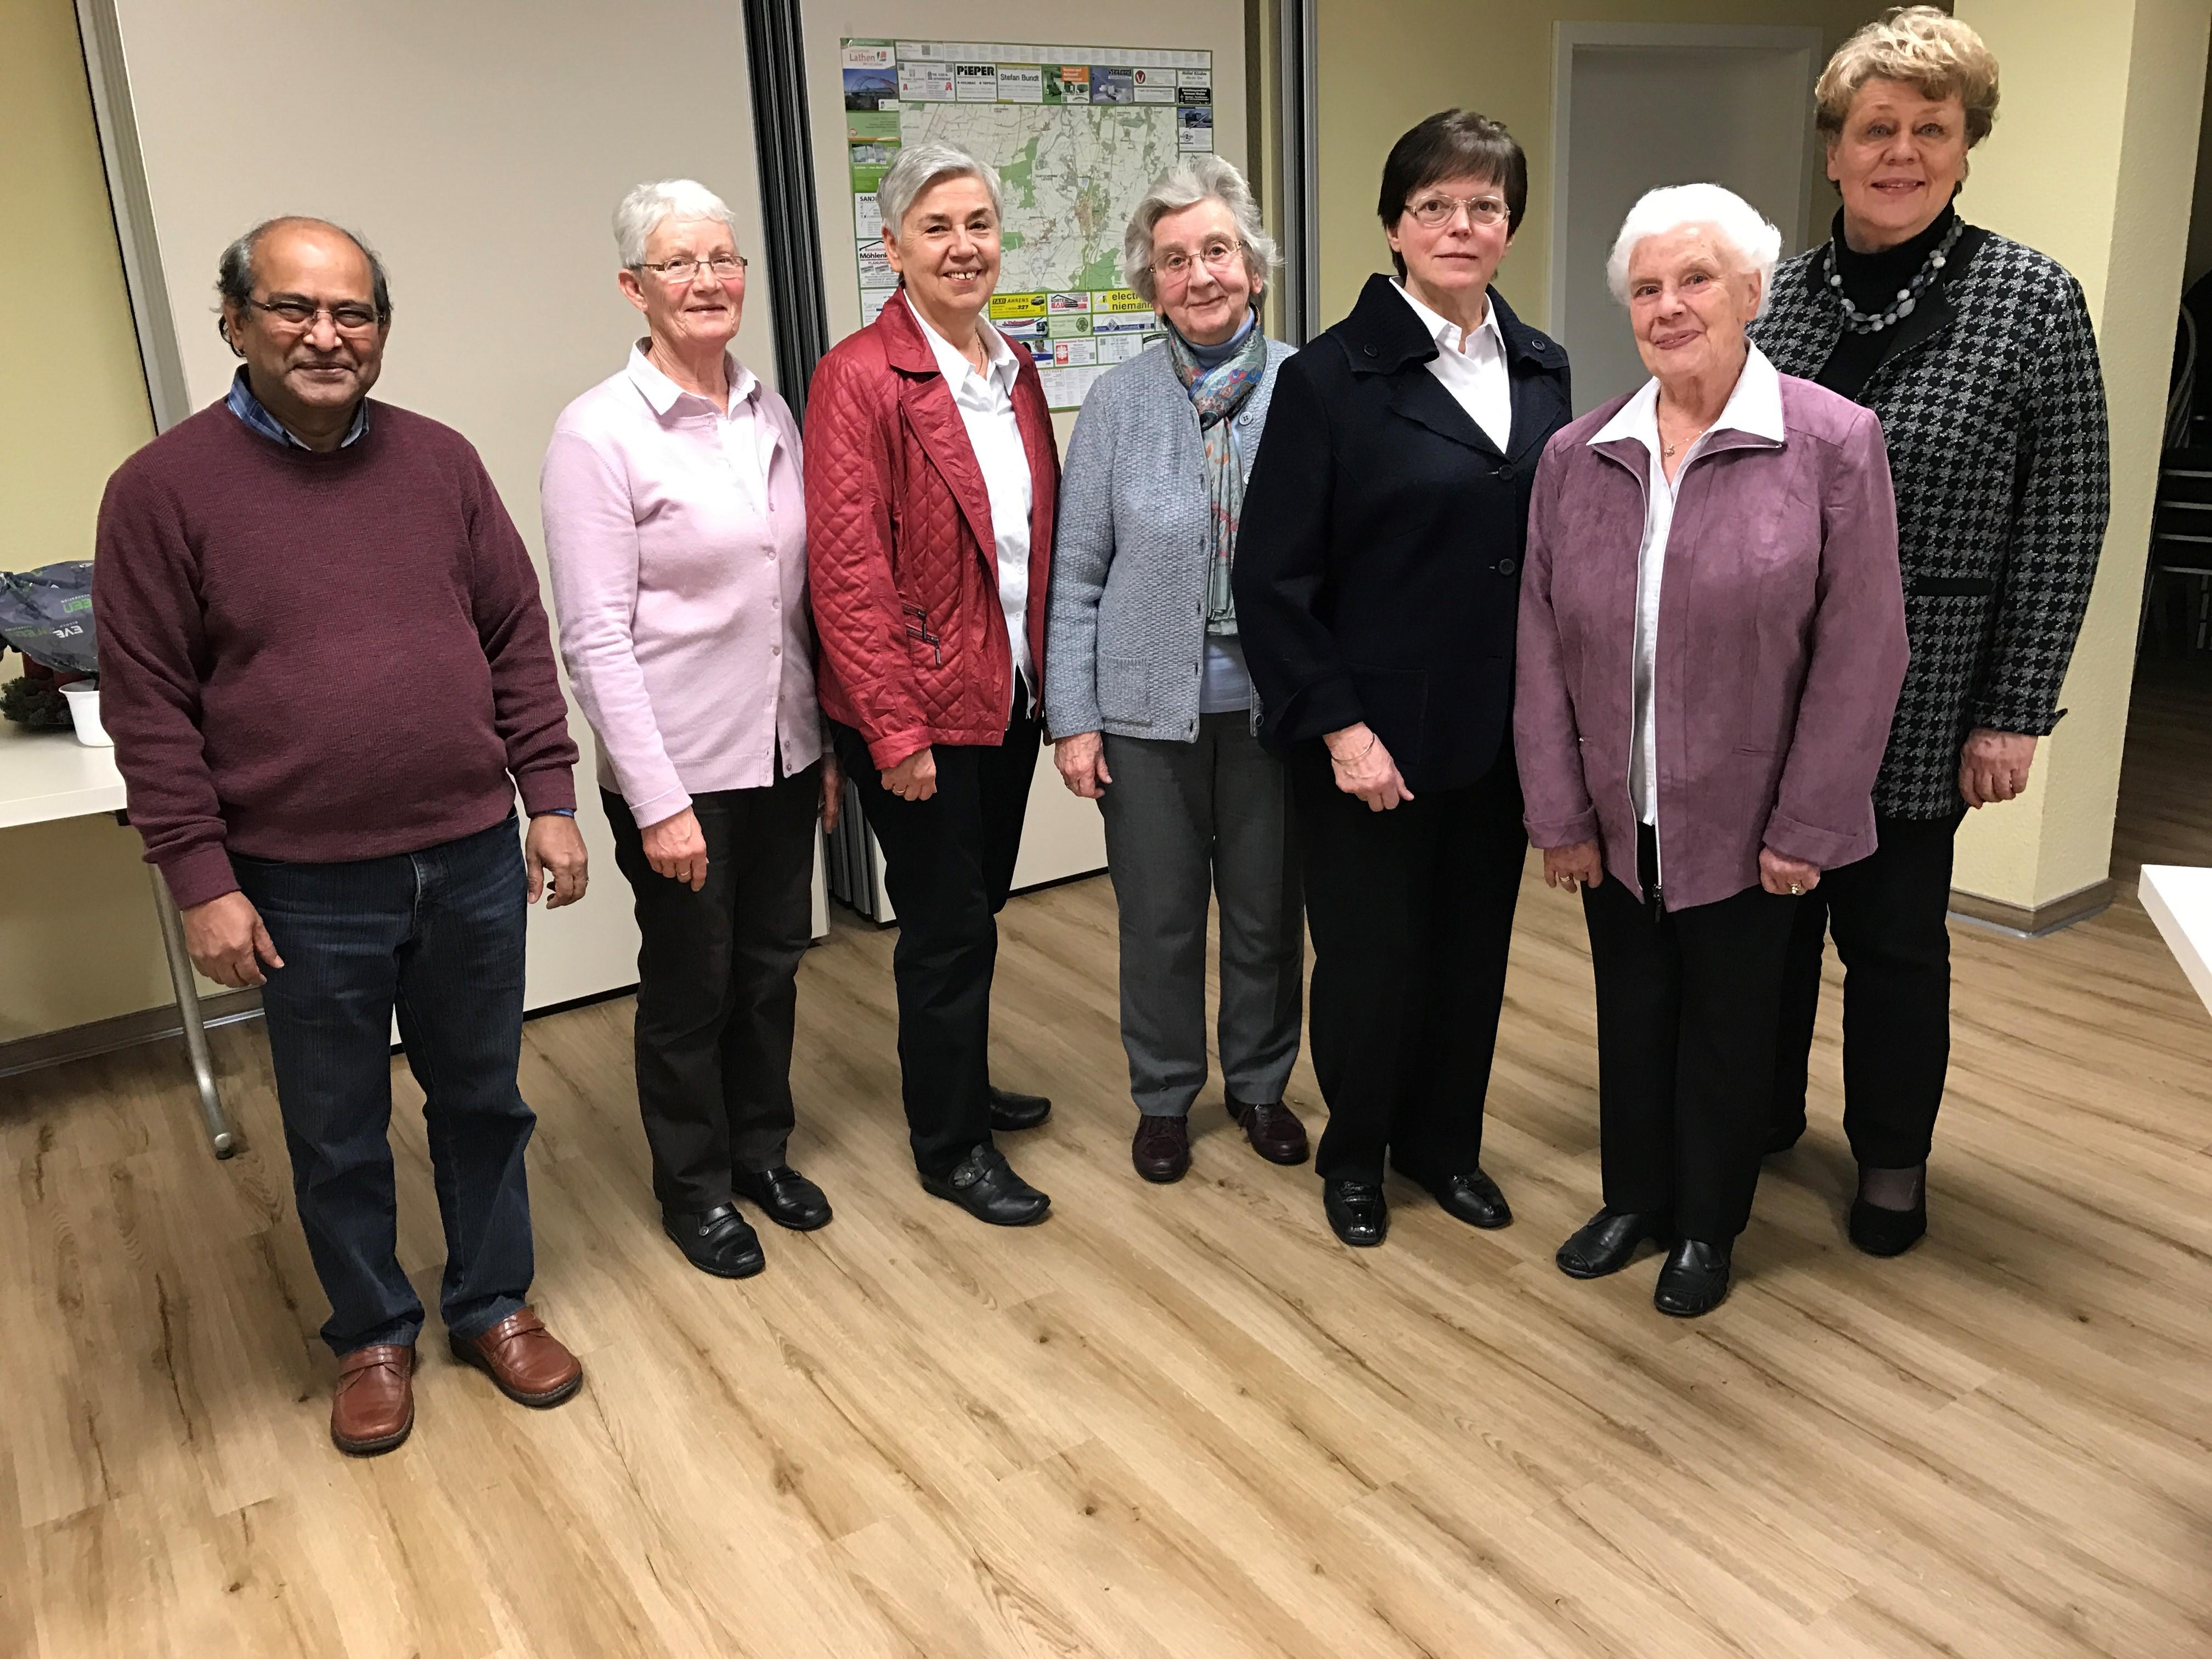 Kath. Öffentliche Bücherei Lathen – Verabschiedung langjähriger ehrenamtlicher Mitarbeiterinnen